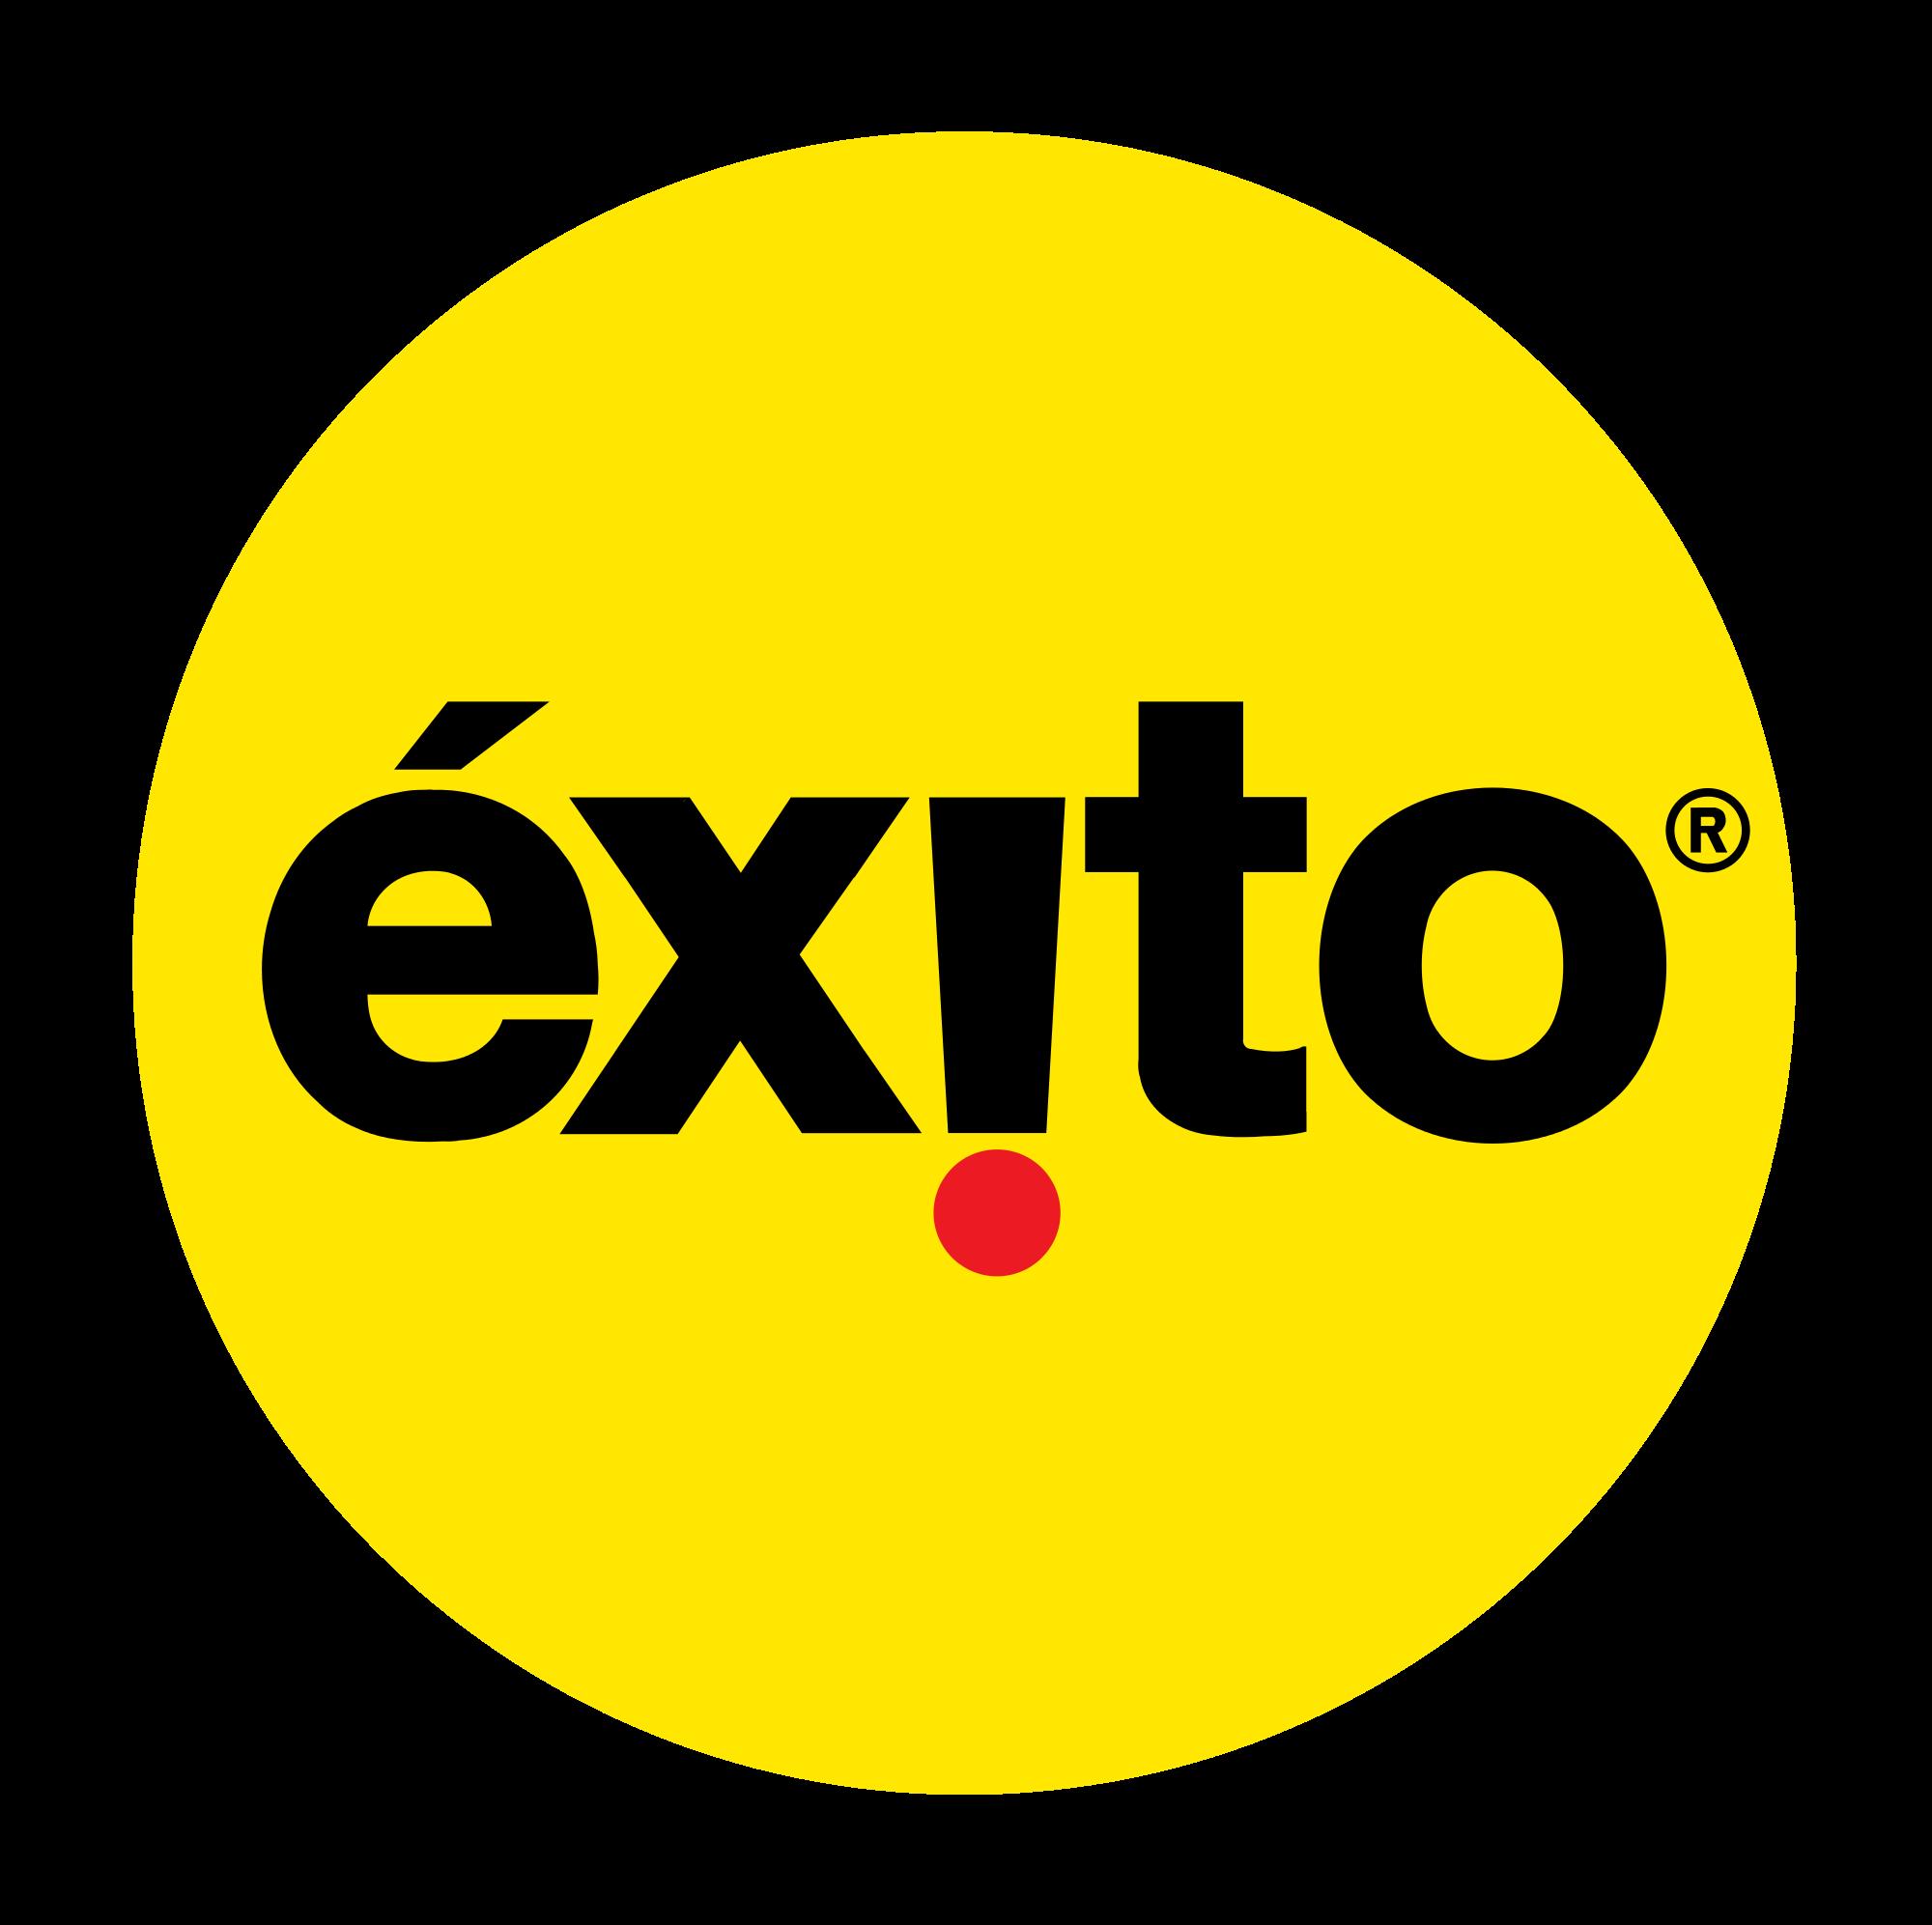 almacenes-exito-logo-png-open-2000.png